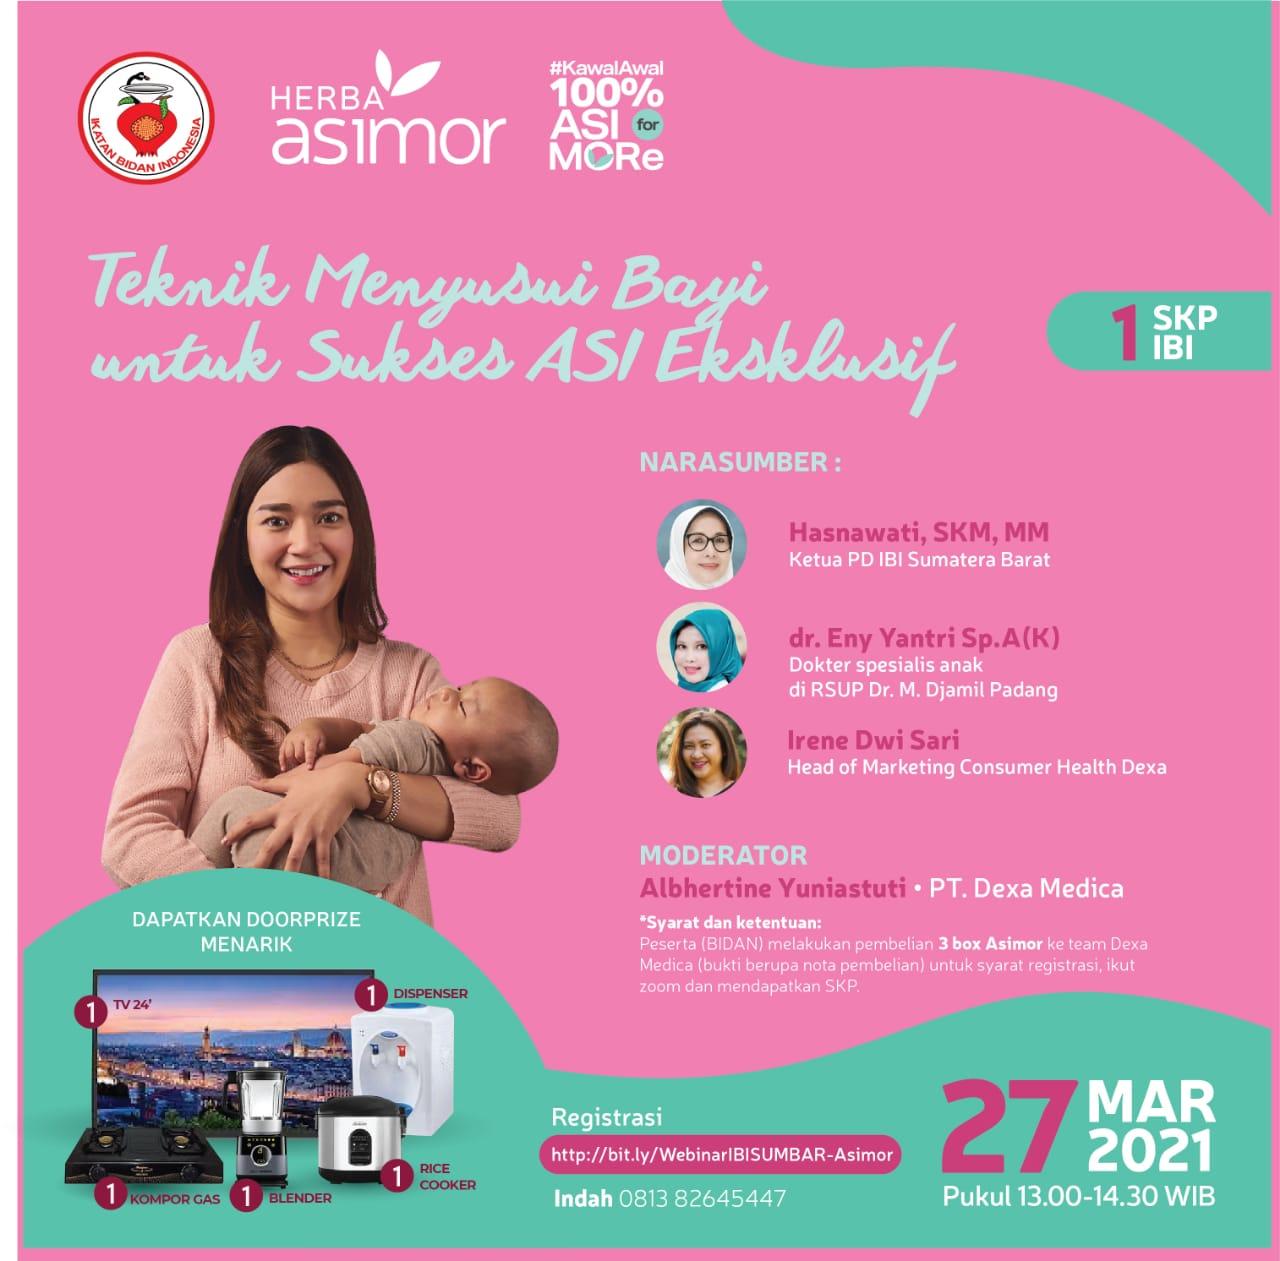 Image for Webinar Asimor : Teknik Menyusui Bayi untuk Sukses ASI Eksklusif Asimor ASI Booster Pelancar ASI